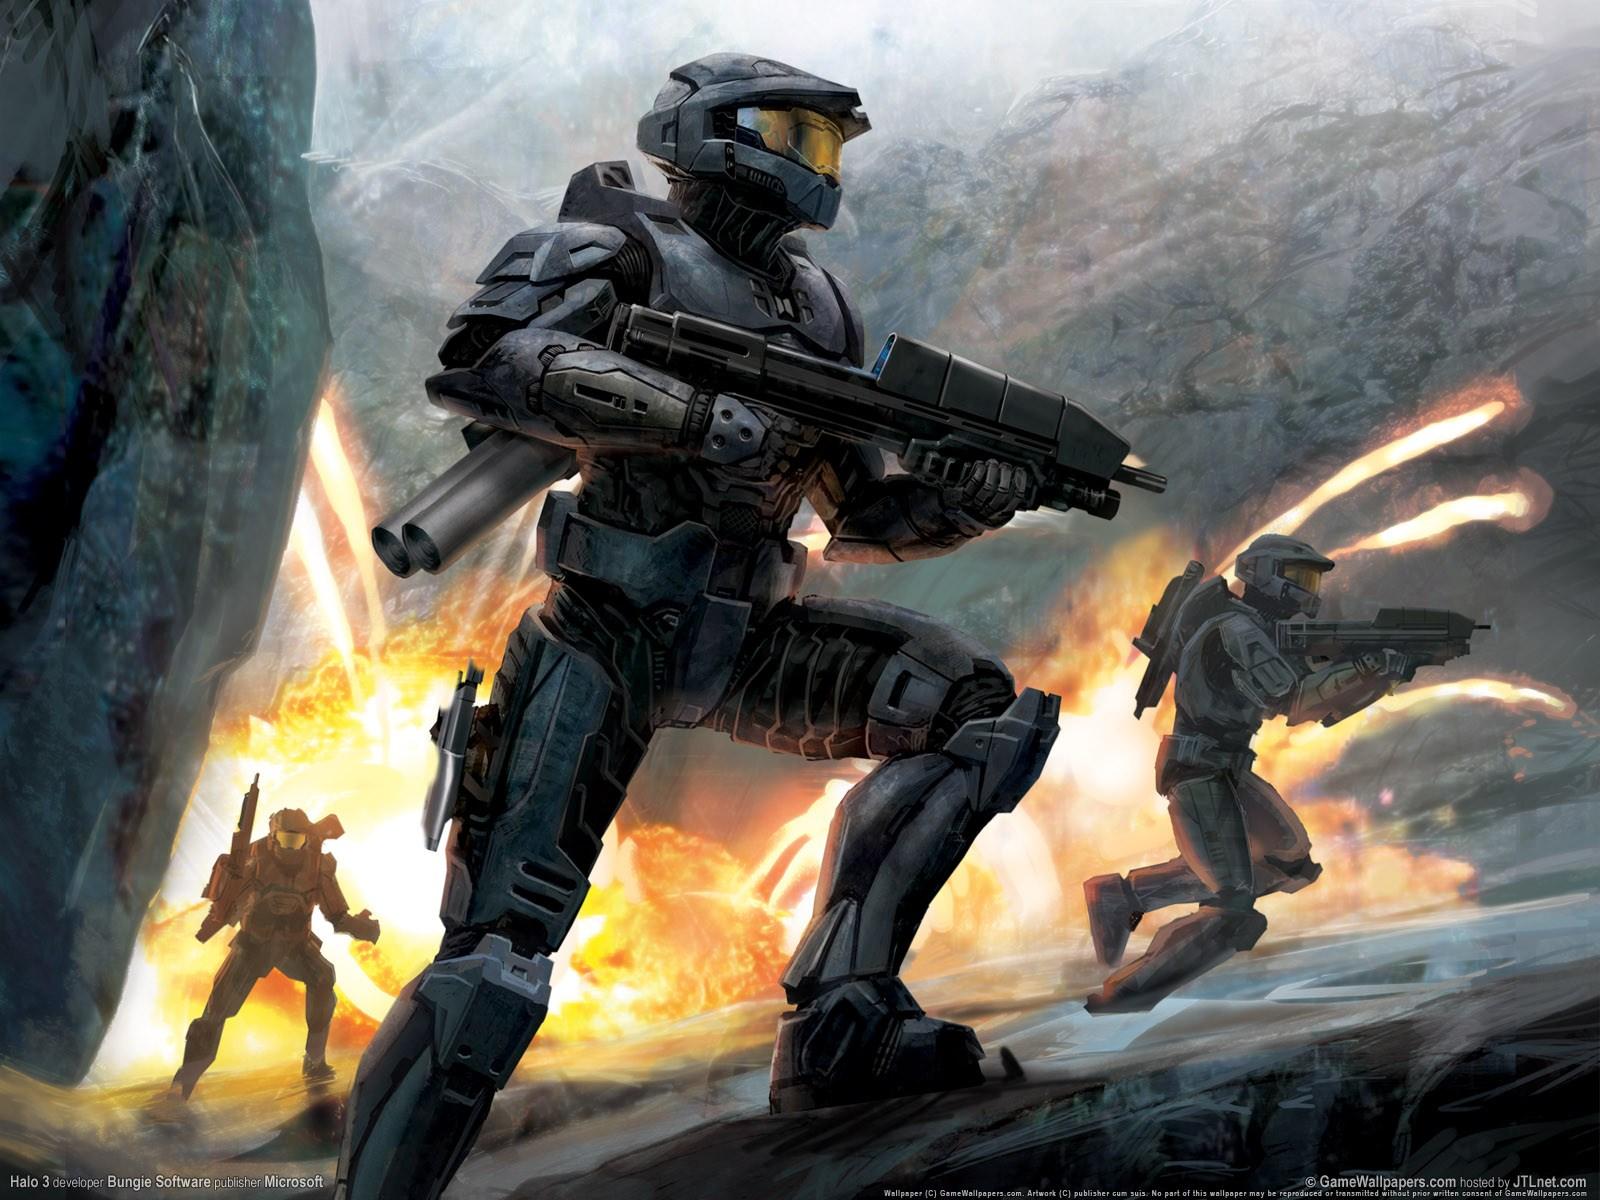 Halo 3 Photos